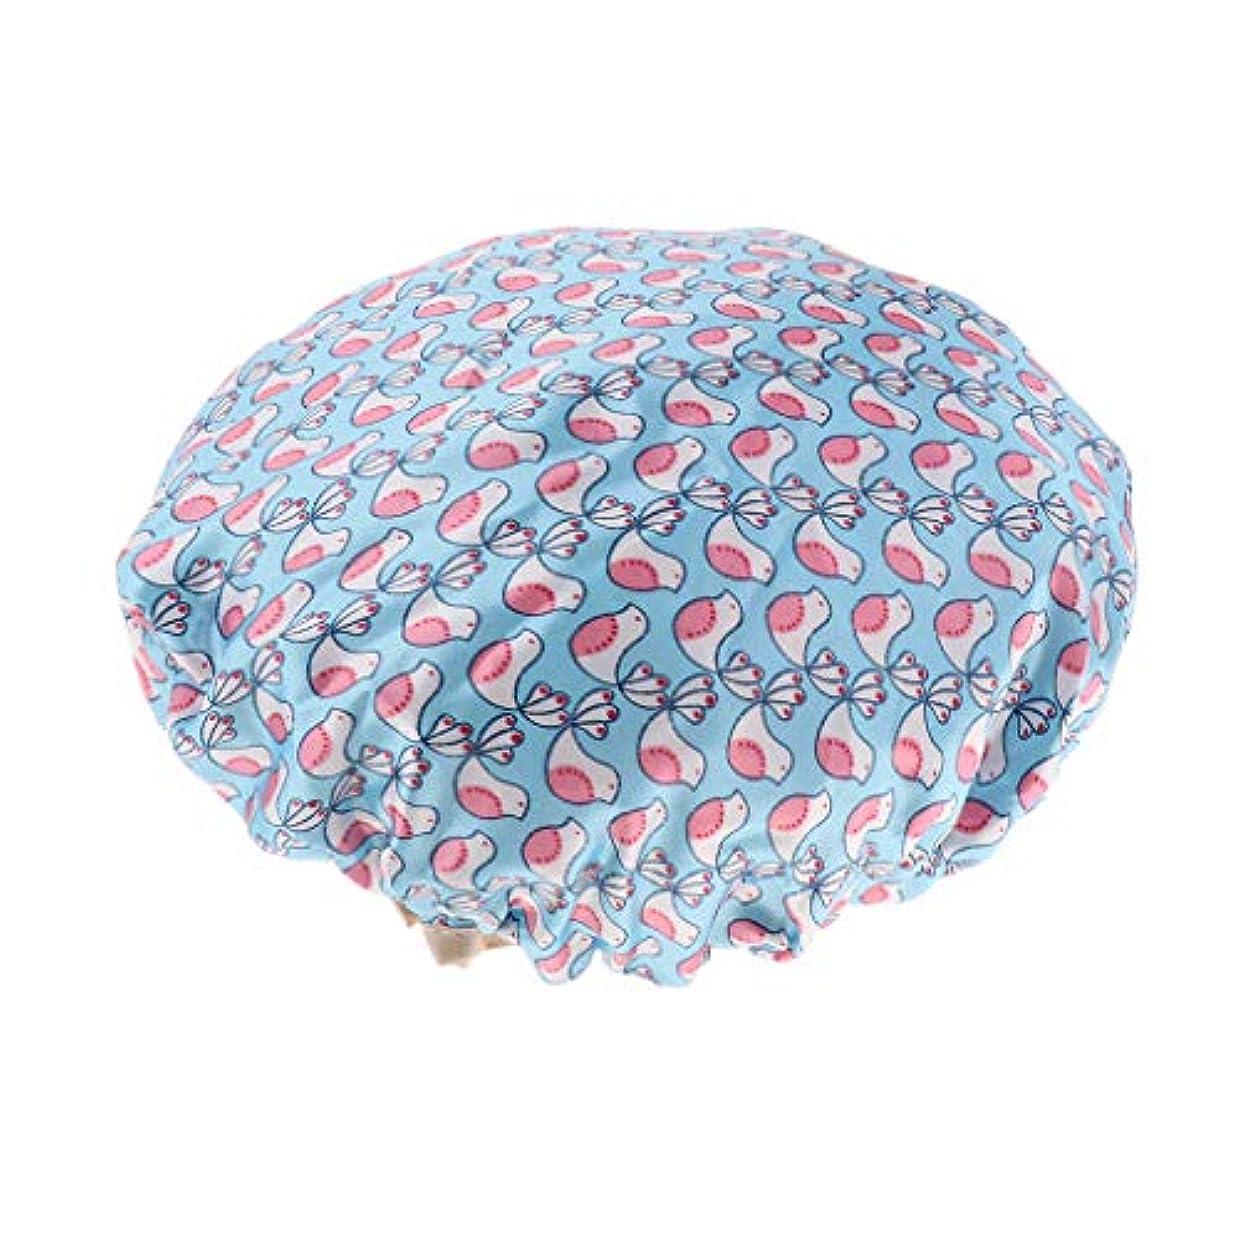 希望に満ちた優越小説シャワーキャップ ヘアキャップ 帽子 女性用 入浴 バス用品 二重層 防水 全3色 - 青